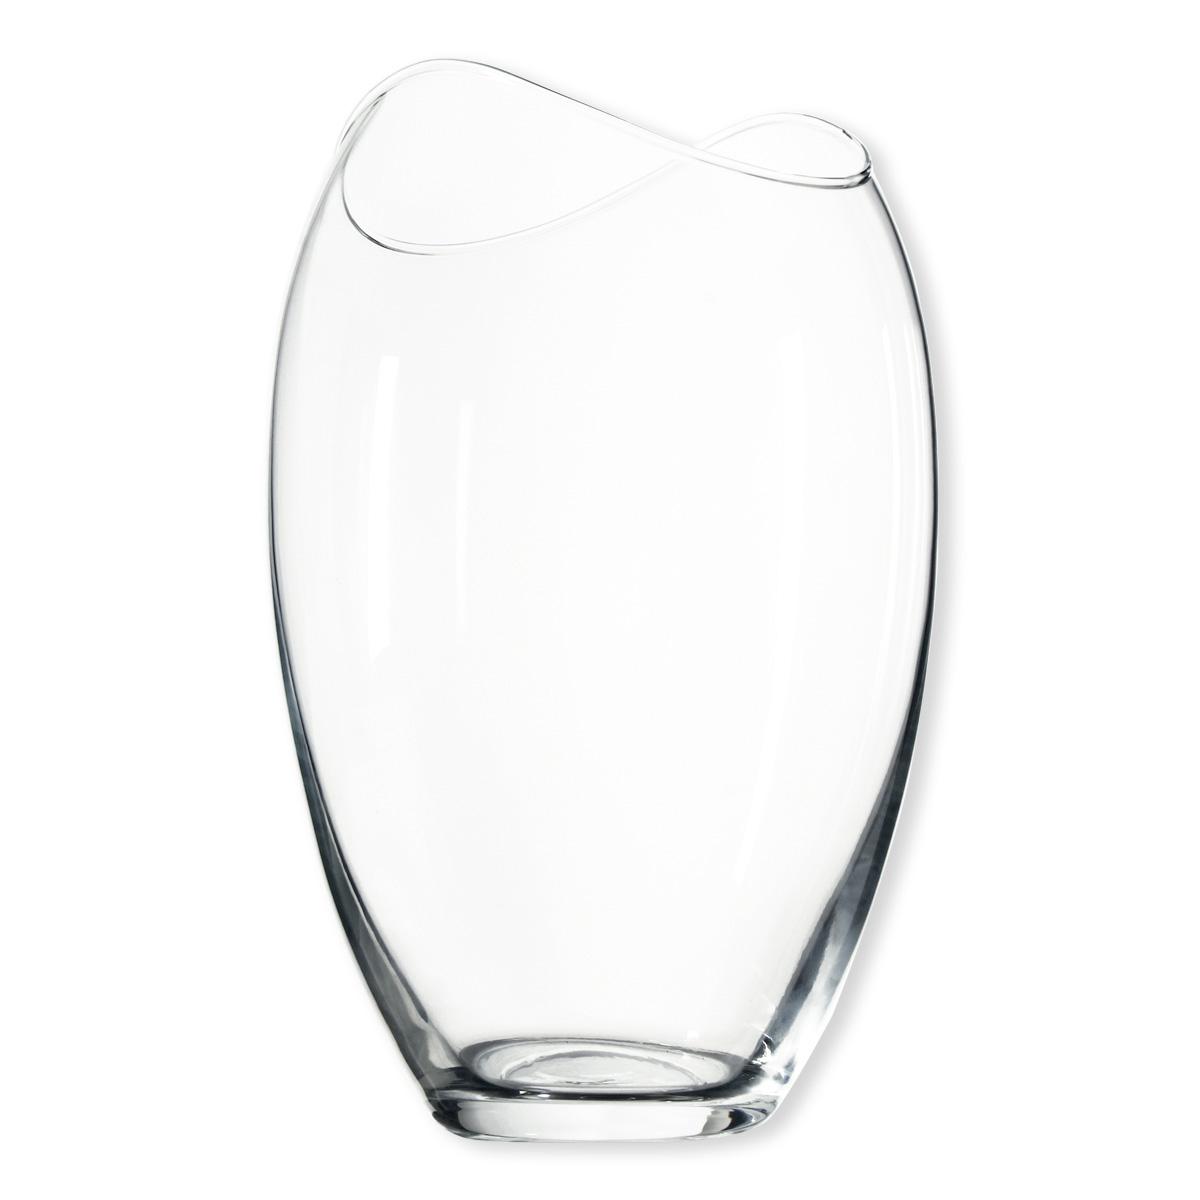 vase en verre transparent verrerie design et chic bruno evrard. Black Bedroom Furniture Sets. Home Design Ideas